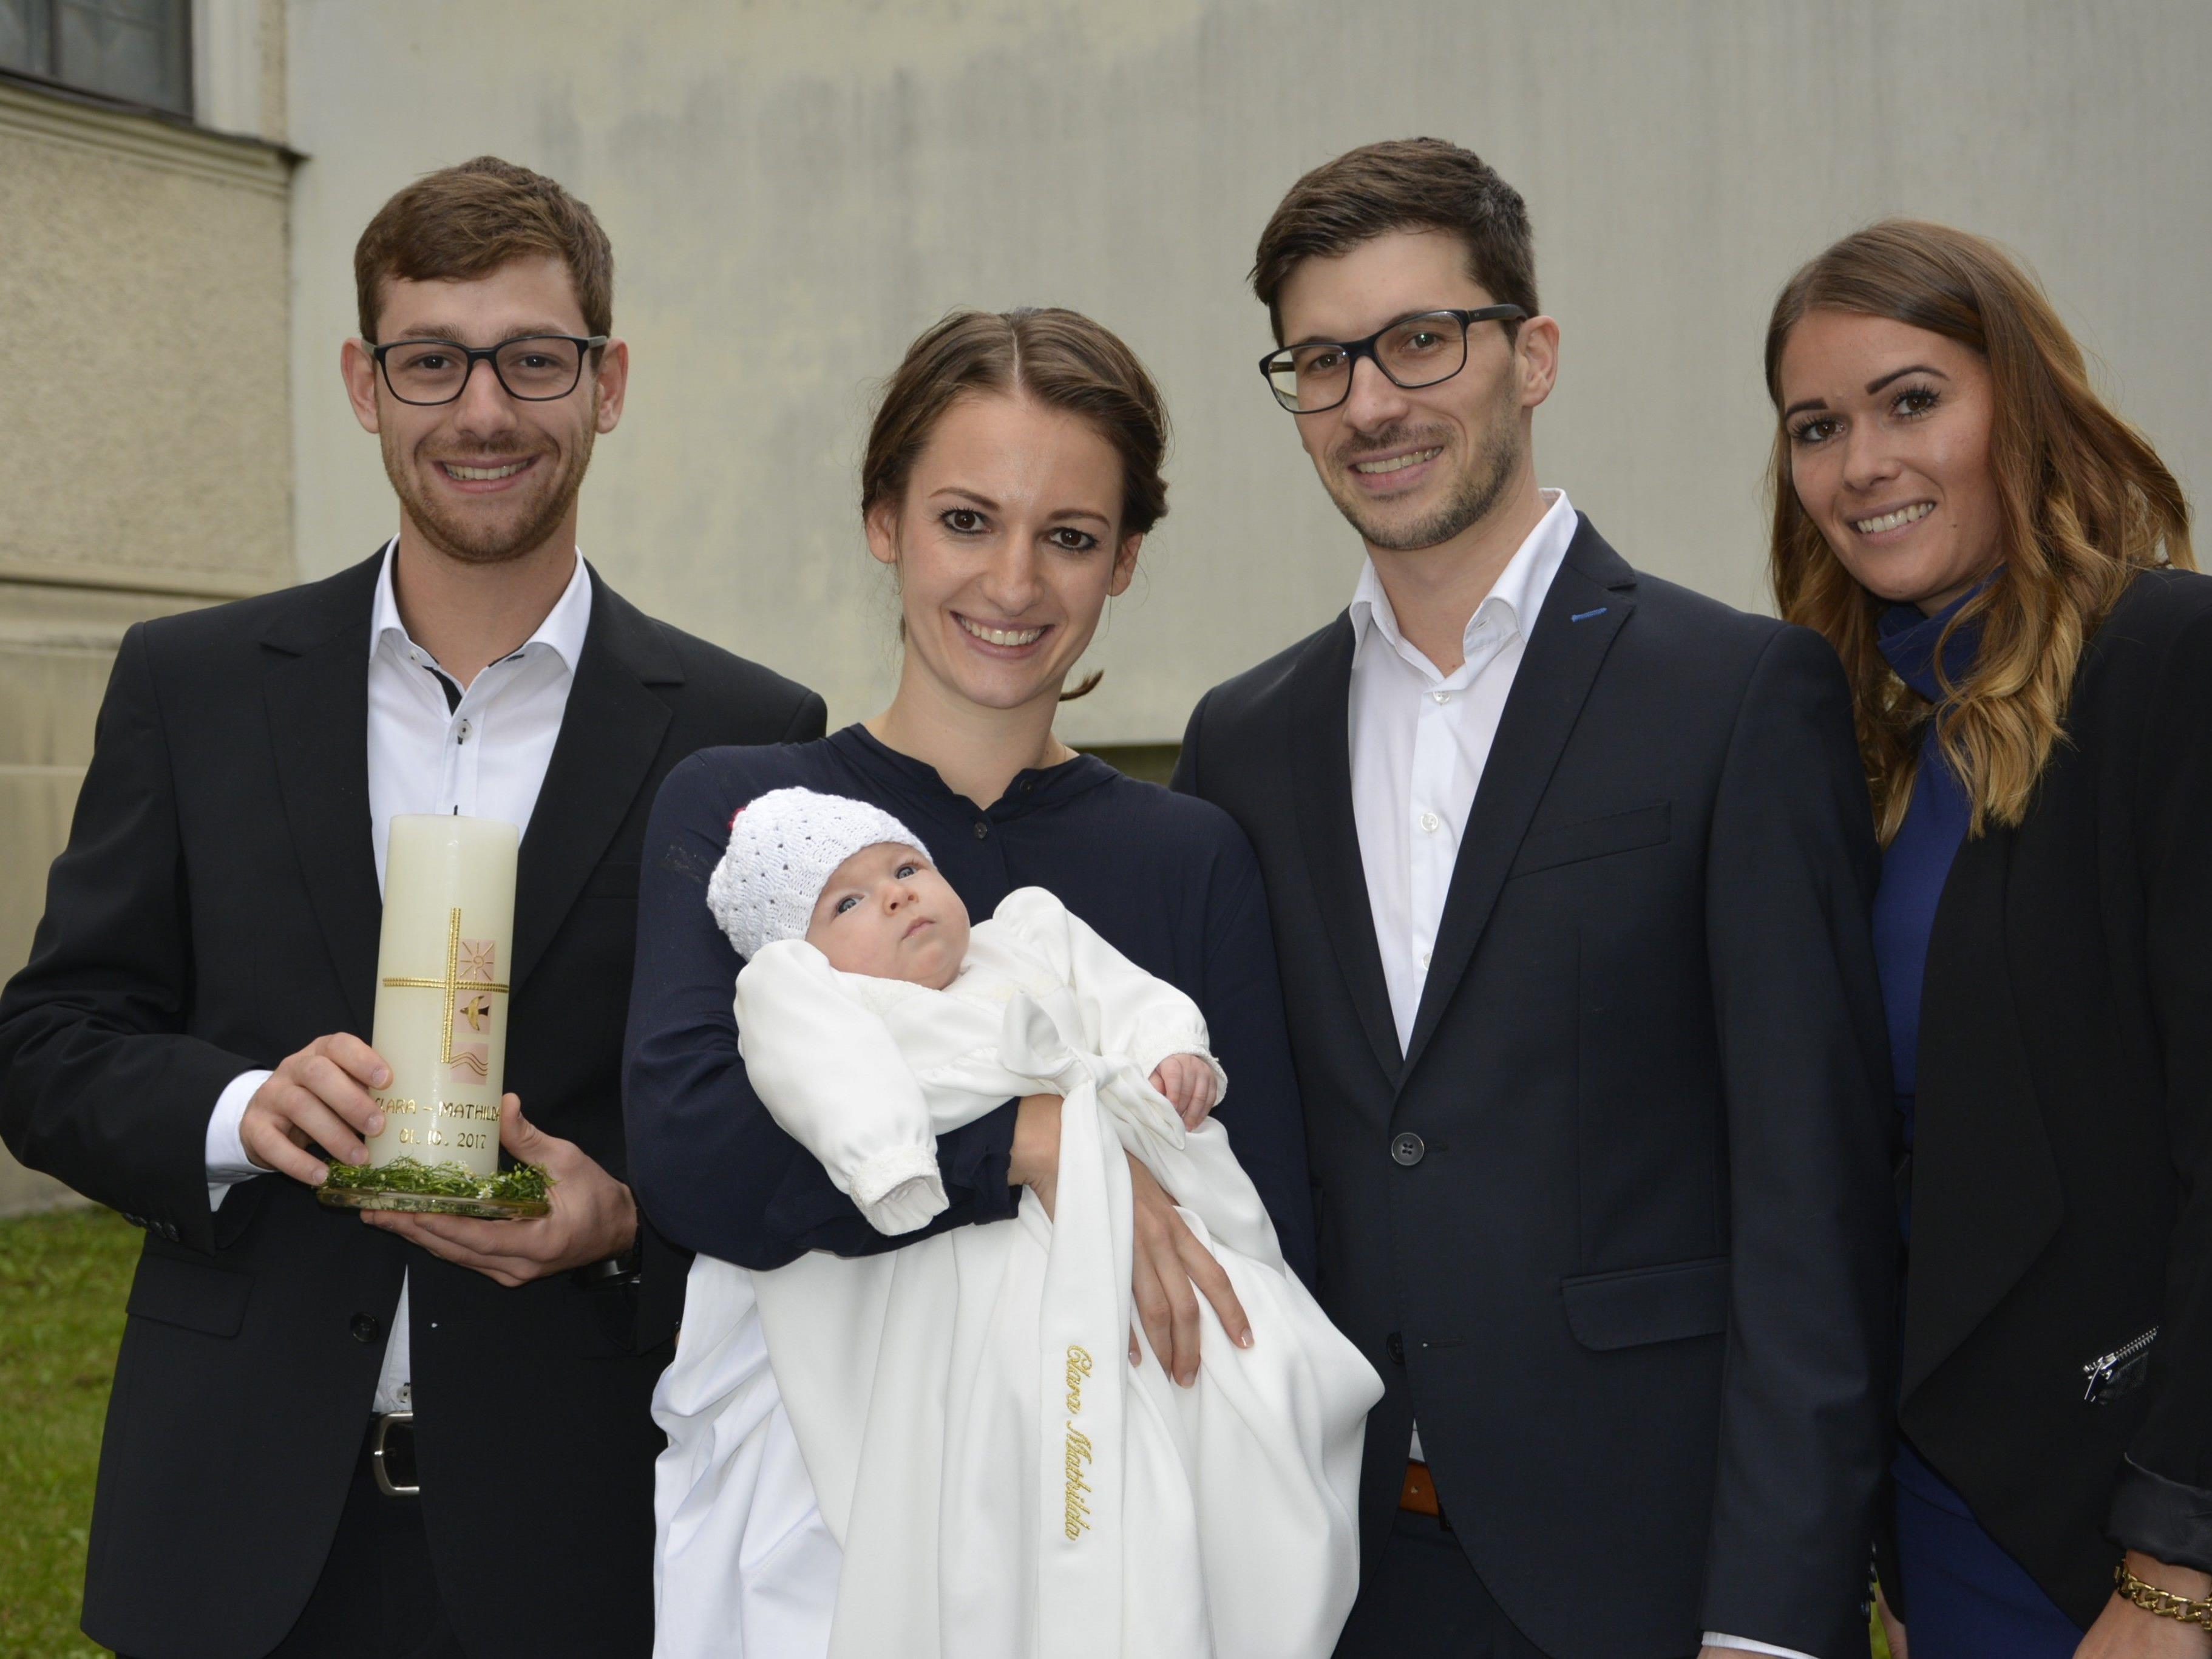 Taufe von Clara Mathilda Zwischenbrugger am 1. Oktober.